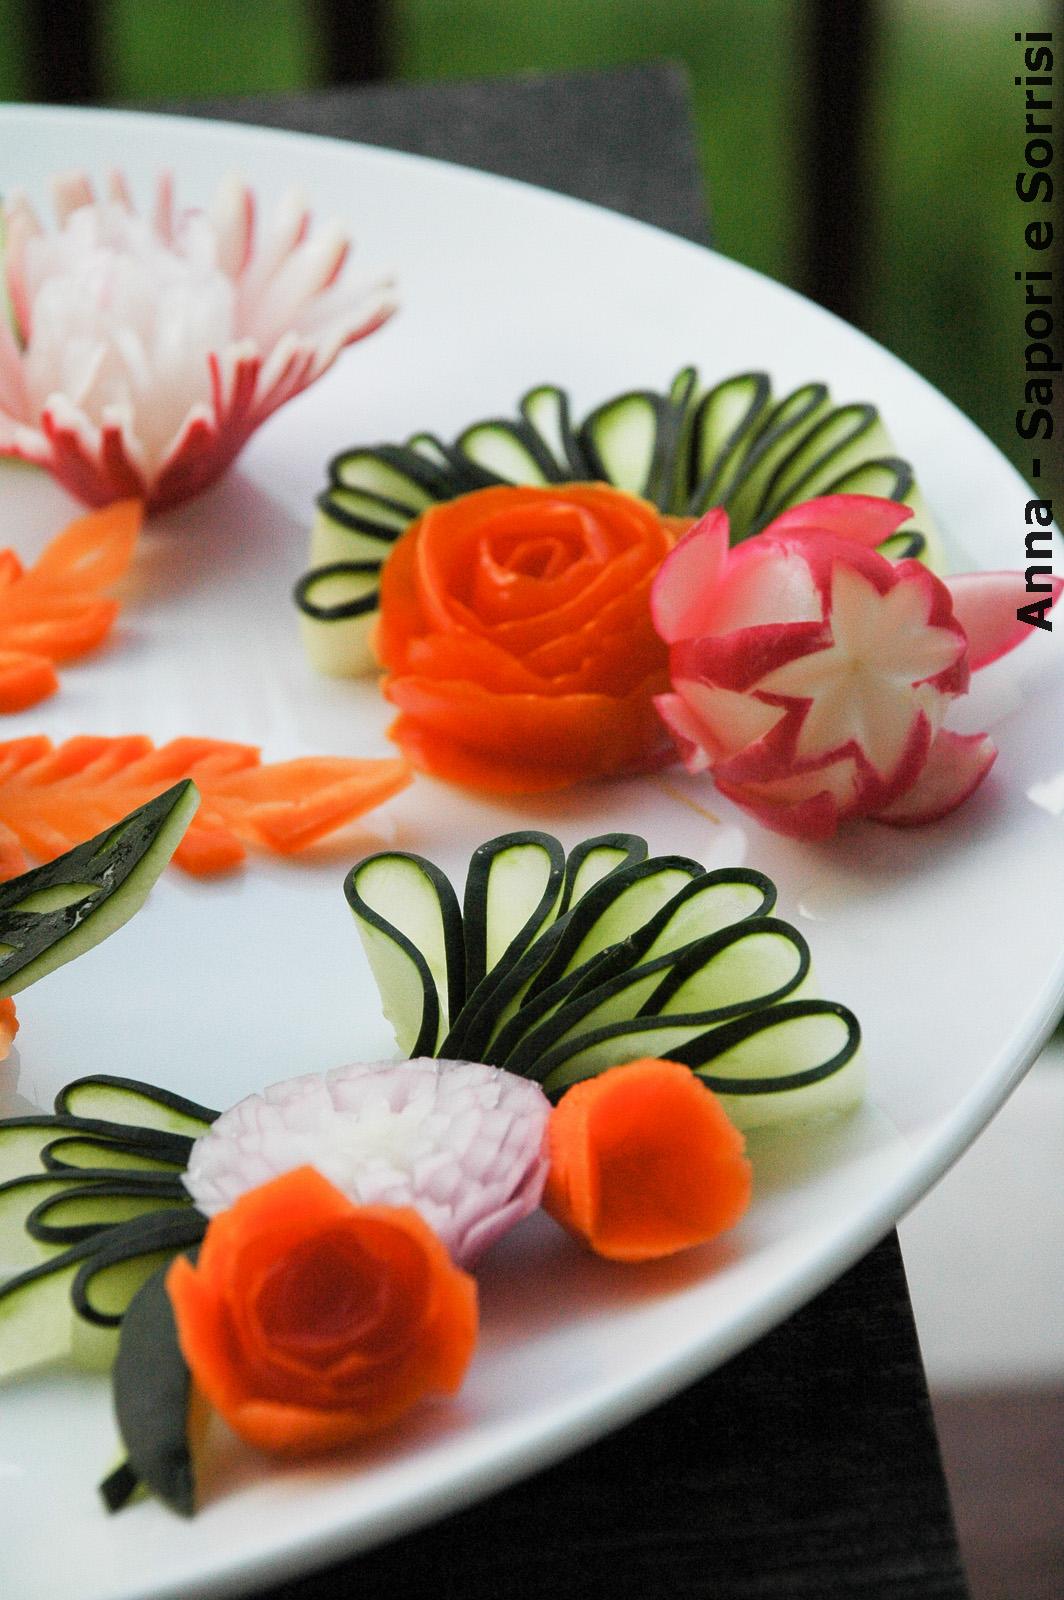 Anna sapori e sorrisi decorazioni piatti con verdura - Piatti da cucina moderni ...